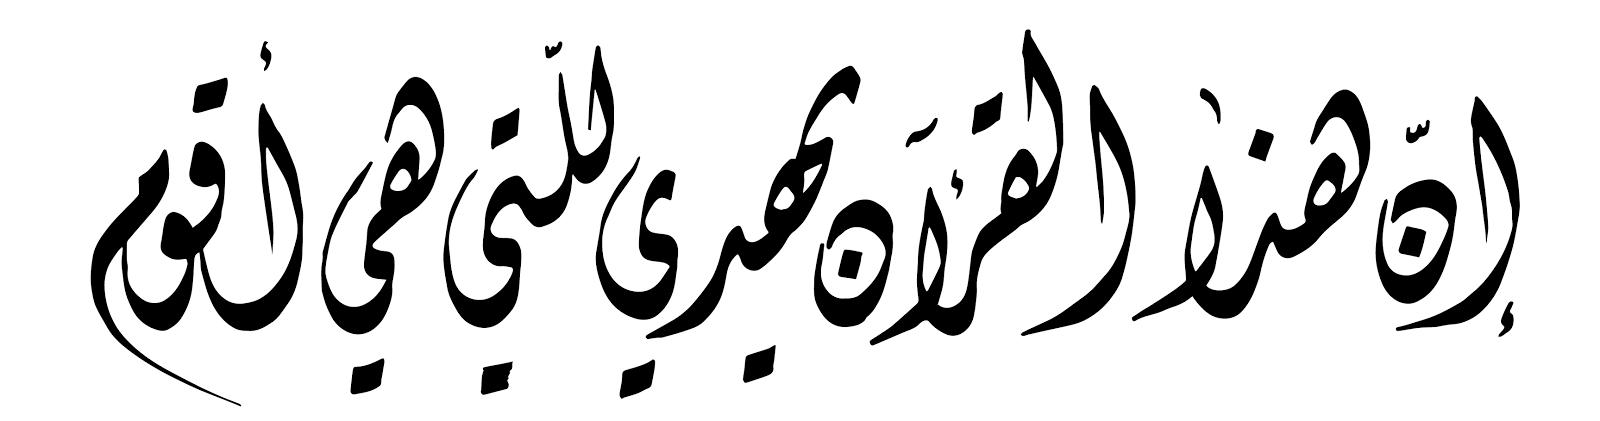 الخطوط العربية للكتابة